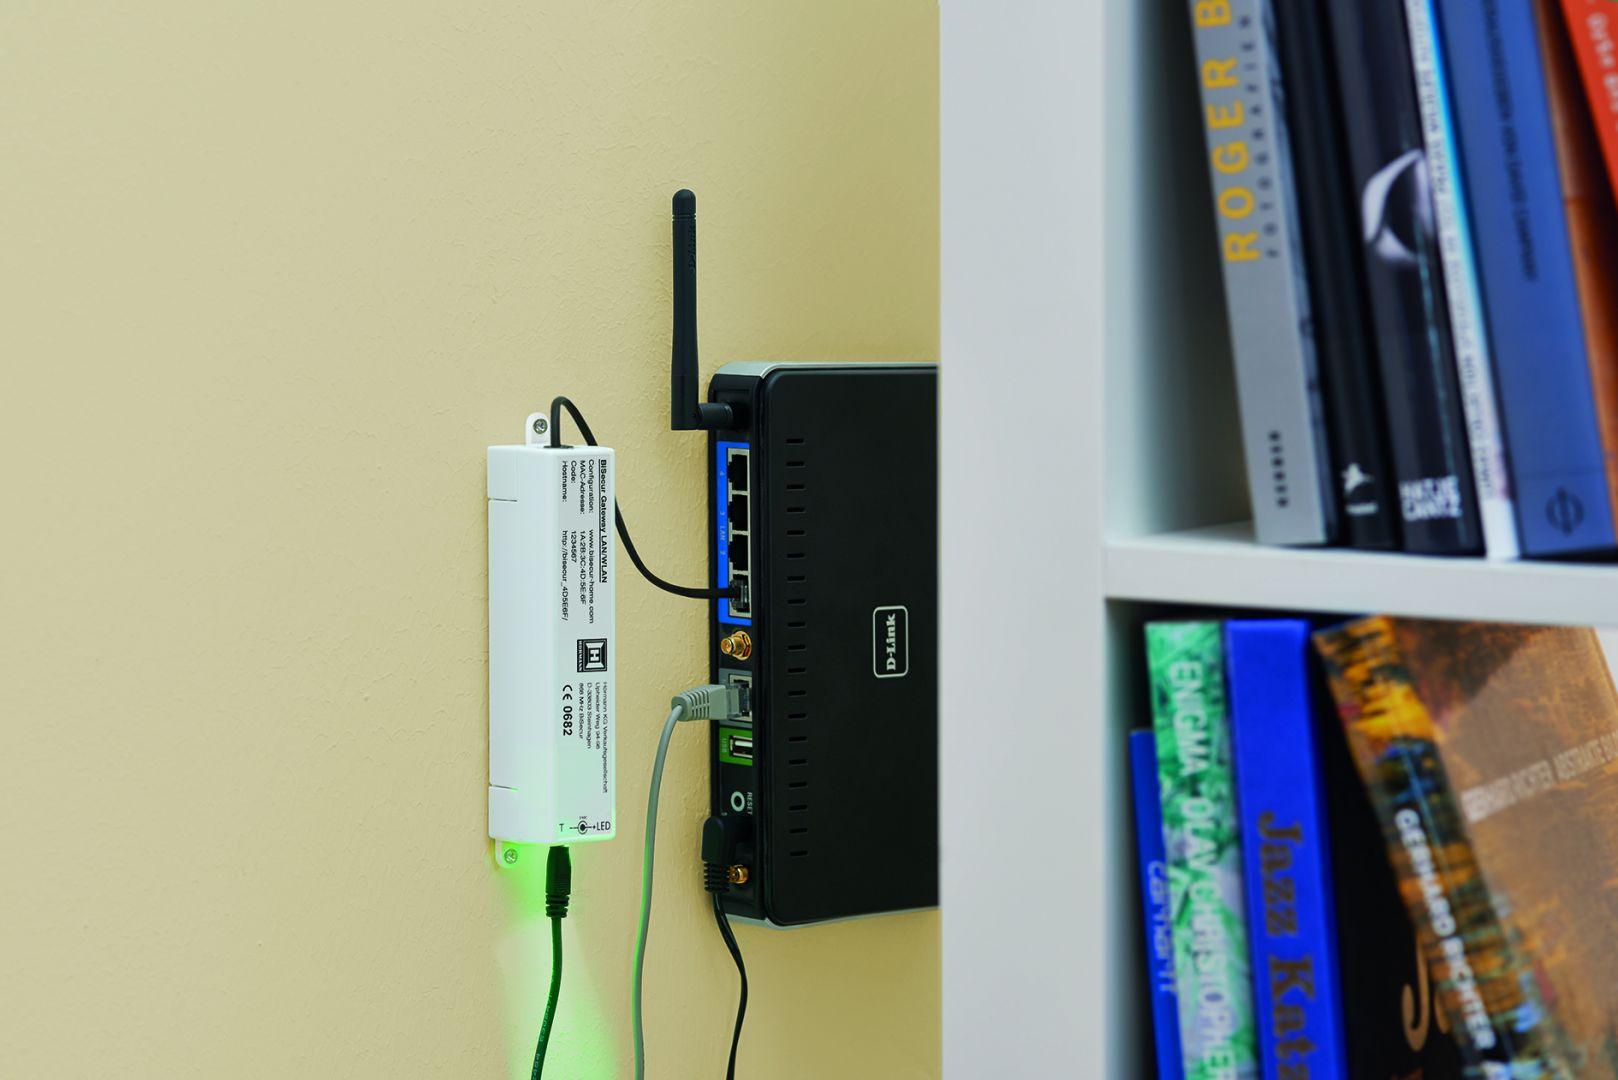 Wszystkie napędy, odbiorniki i elementy obsługi BiSecur są ze sobą w 100% zgodne, a system informacji zwrotnej jest kompatybilny z wieloma produktami firmy Hörmann, takimi jak napędy SupraMatic i ProMatic do bram garażowych, napędy RotaMatic i LineaMatic do bram wjazdowych, napęd ECturn do drzwi wejściowych ThermoSafe i ThermoCarbon, a także napęd PortaMatic do drzwi wewnętrznych. Fot. Hörmann